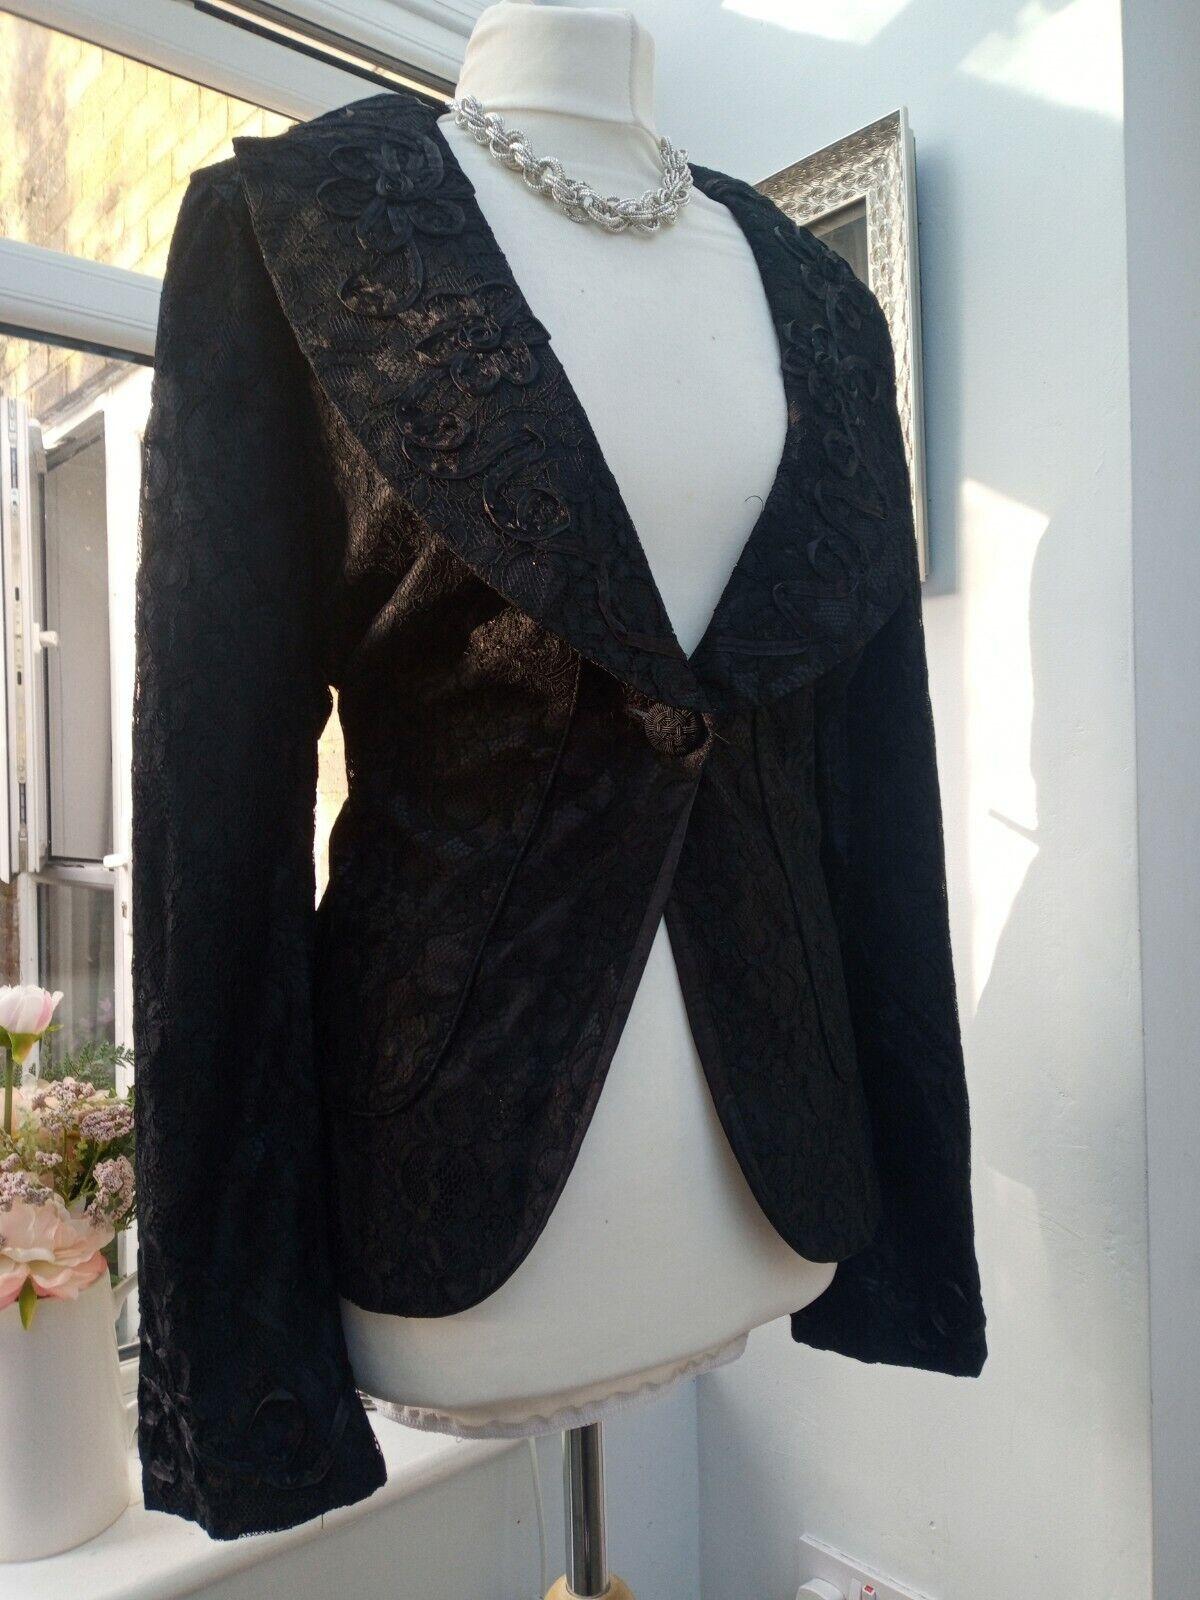 BNWOT M&S Per Una Black Lace Applique Jacket Blazer Size 20 Party's Weddings